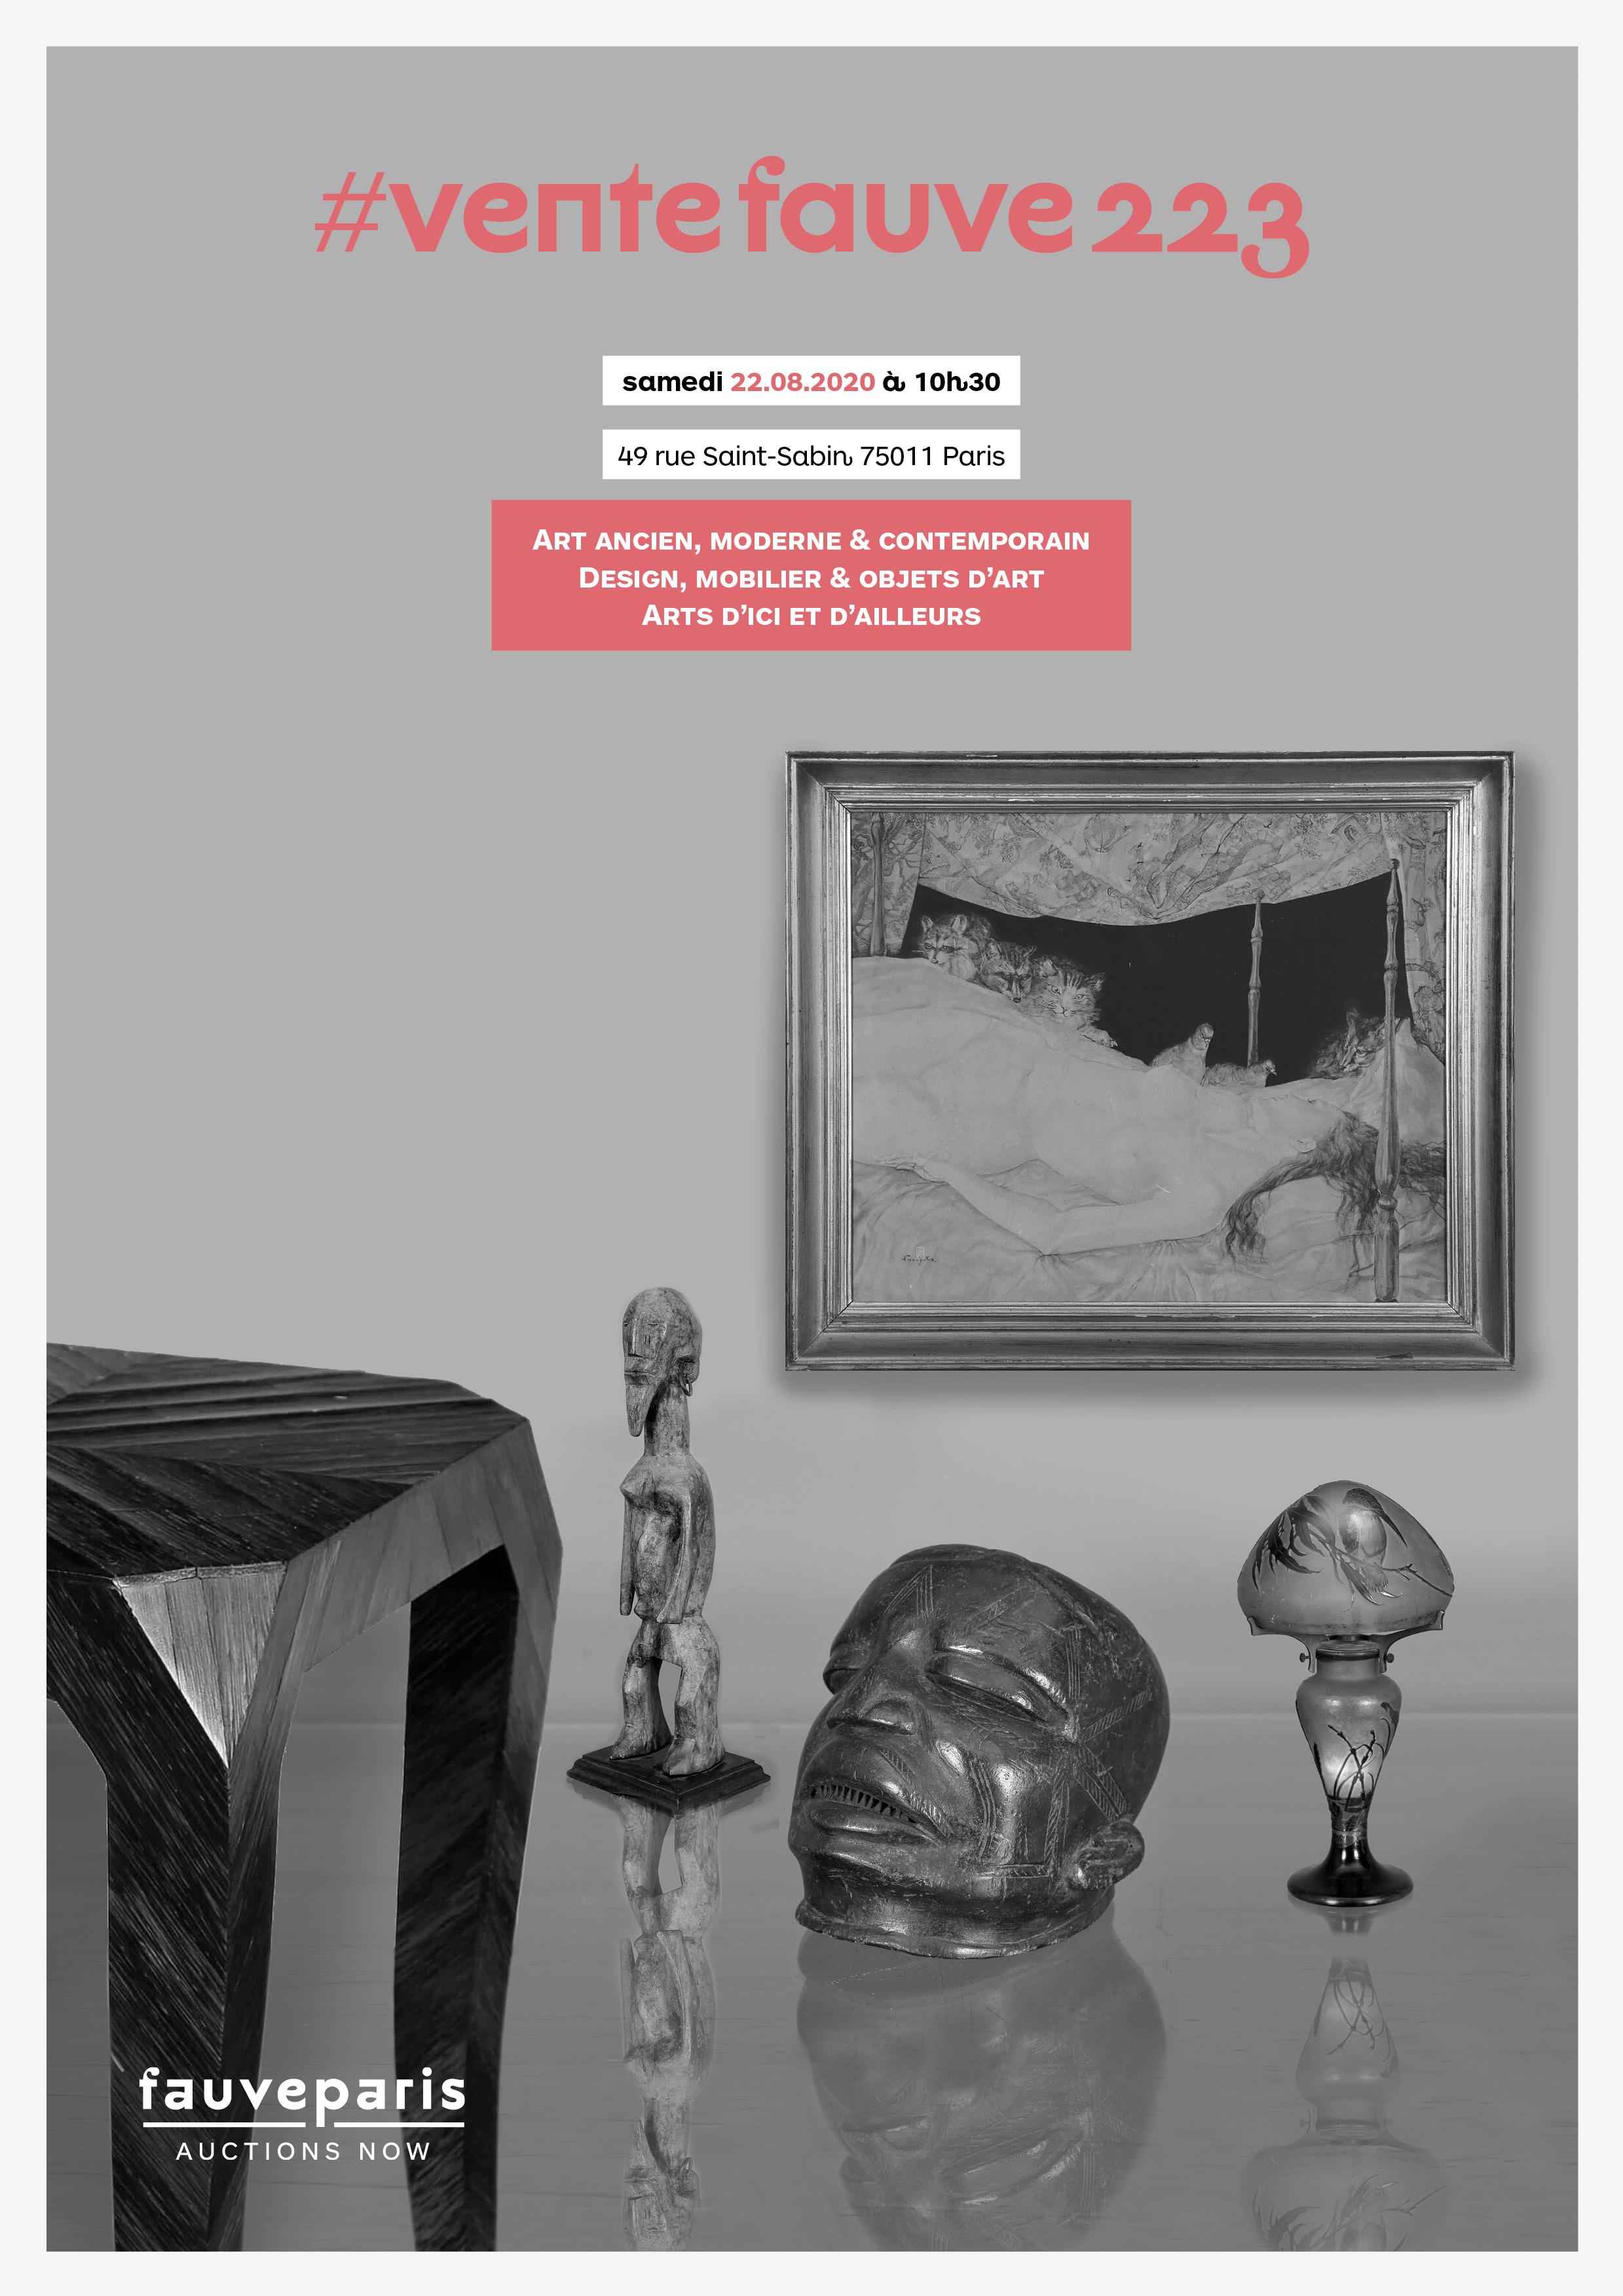 Vente # Vente Fauve 223 : C'est la Rentrée ! : Art Ancien, Moderne & Contemporain, Design, Mobilier & Objets d'Art... chez FauveParis : 118 lots